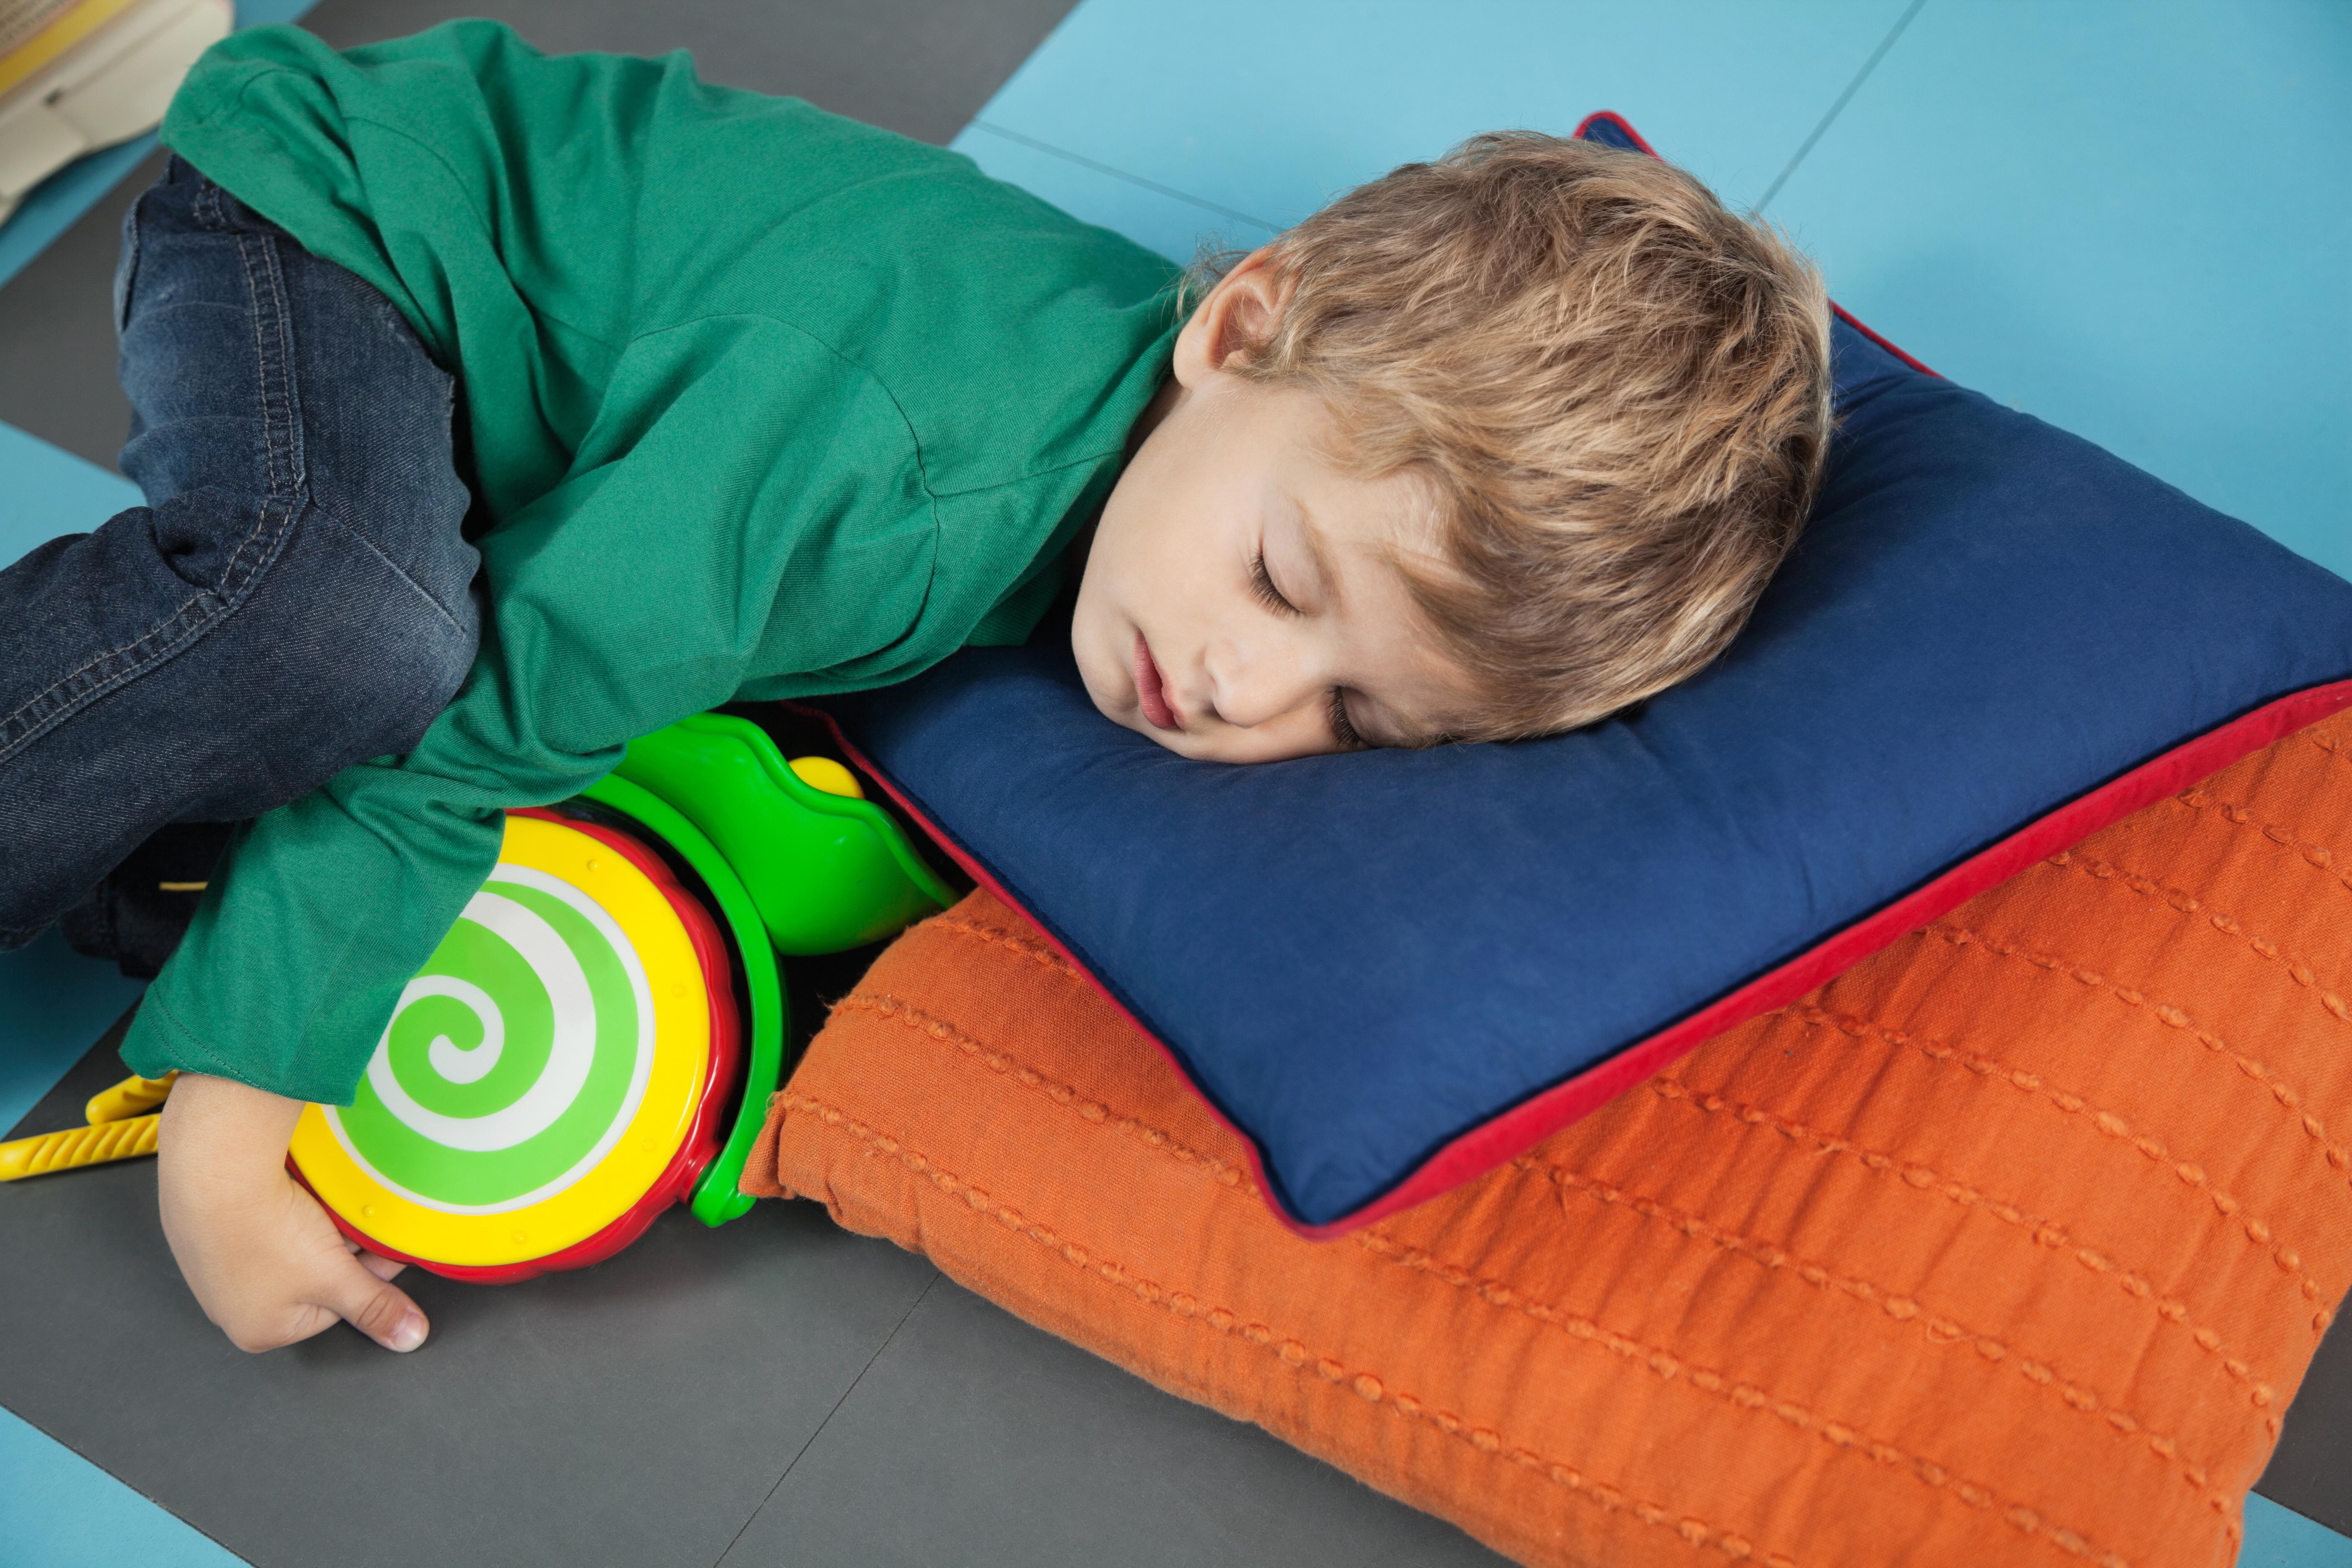 Les enfants qui font la sieste sont plus heureux, meilleurs dans leurs études et ont moins de problèmes de comportement